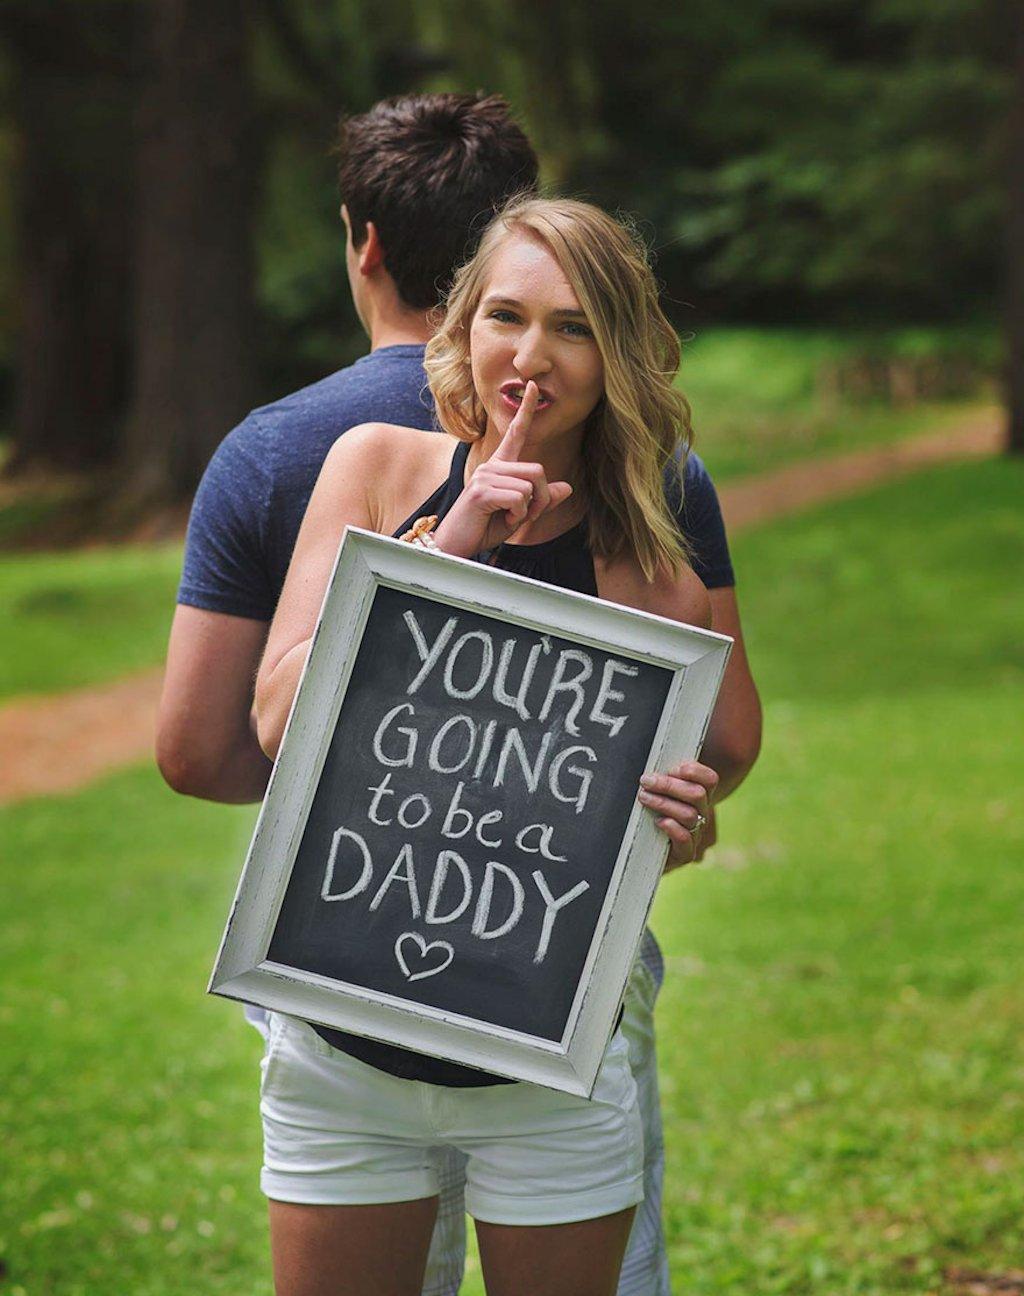 Esposa surpreende o marido anunciando sua gravidez durante uma sessão de fotos 04